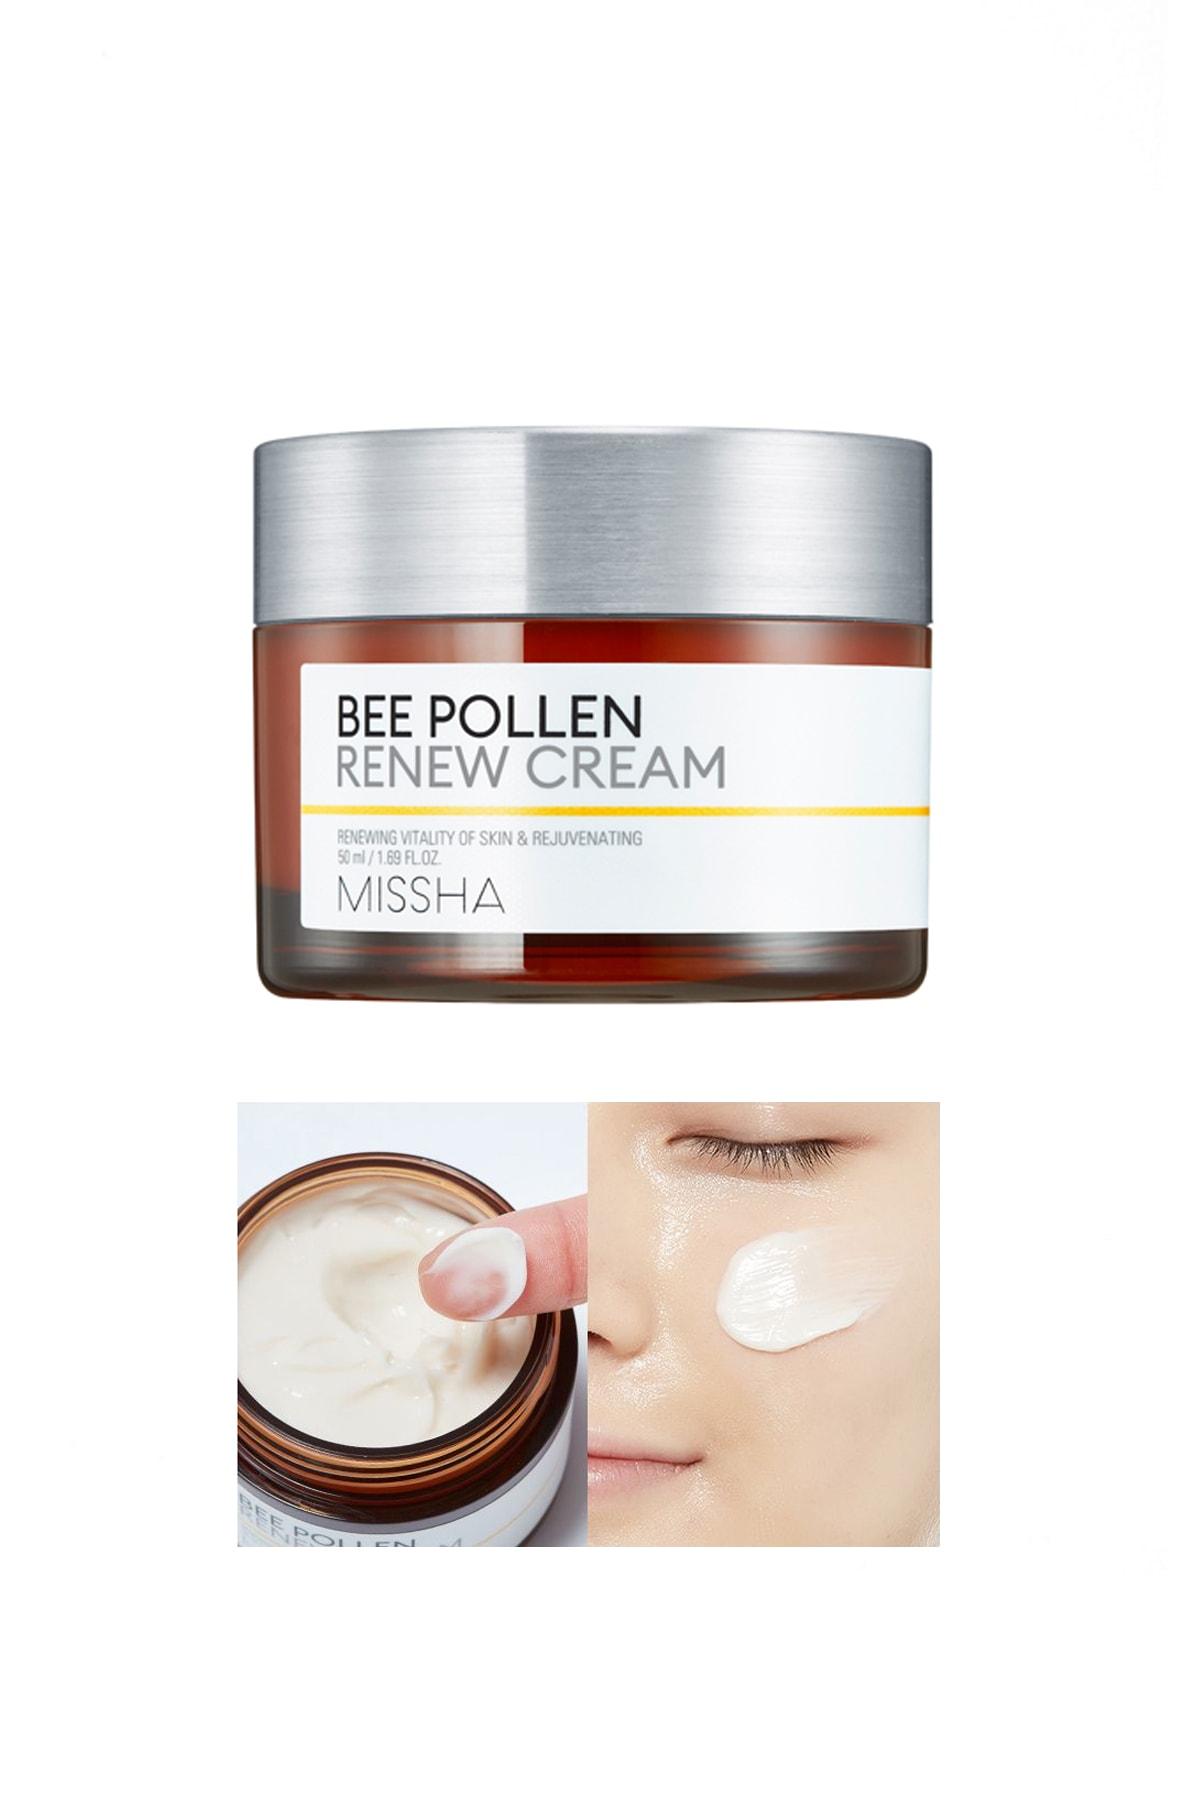 Missha Arı Poleni İçeren Yoğun Besleyici Krem 50ml Bee Pollen Renew Cream